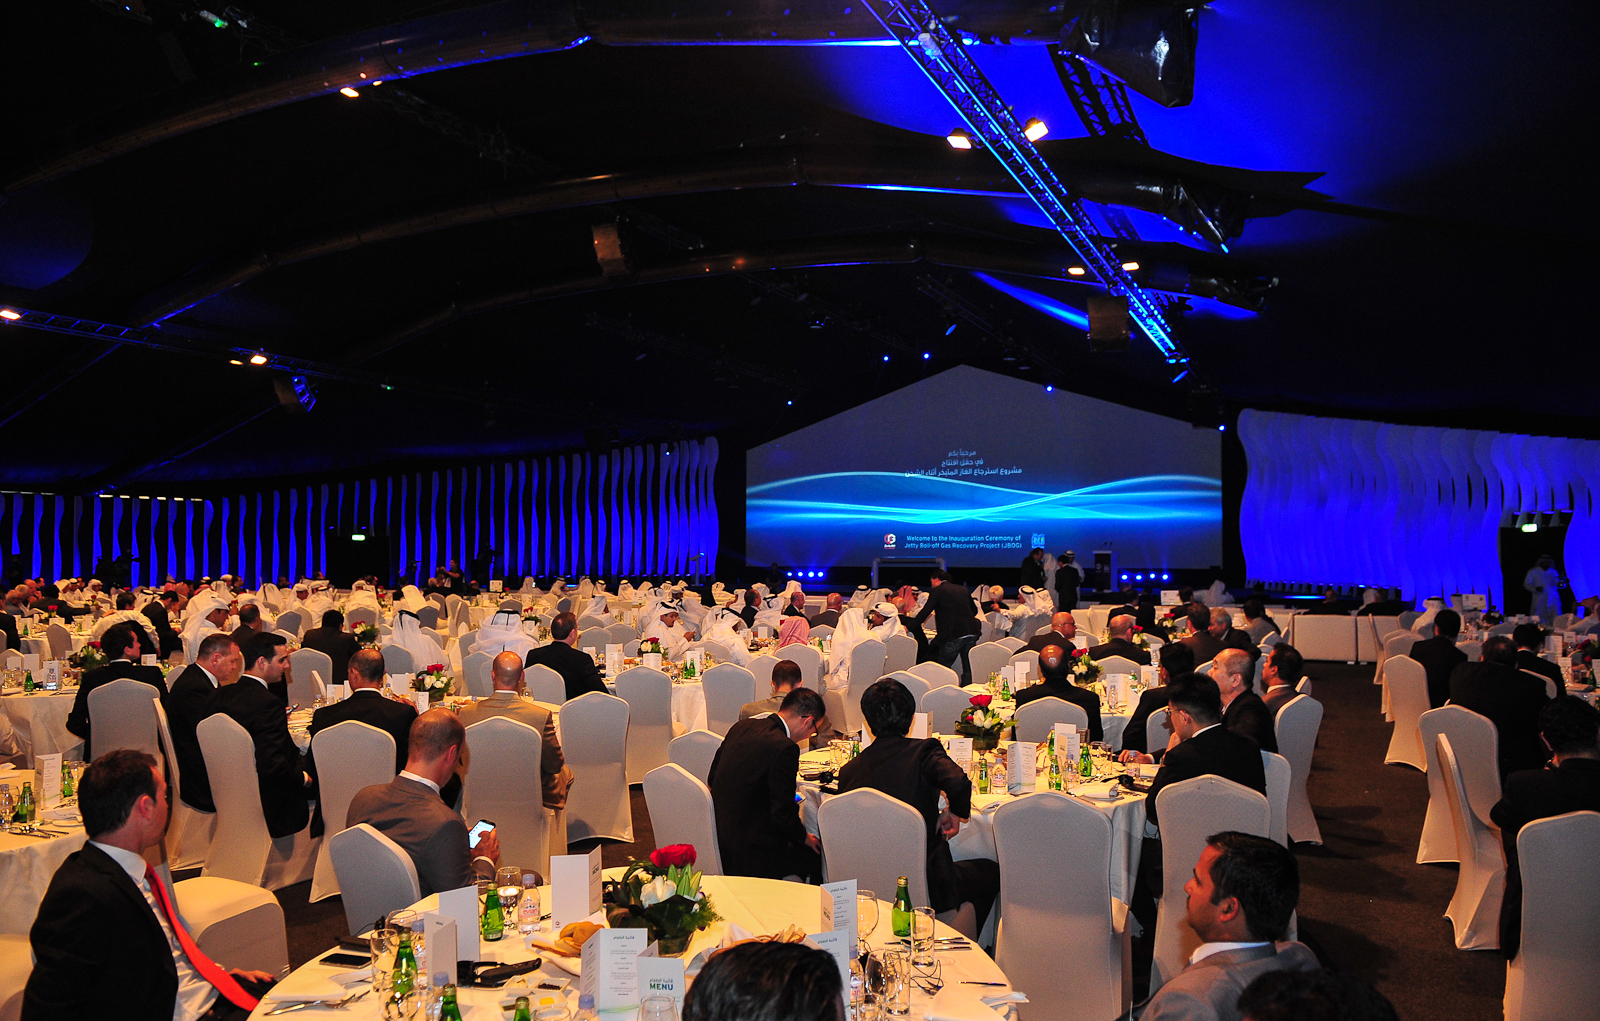 JBOG Inauguration for Qatargas, Qatar